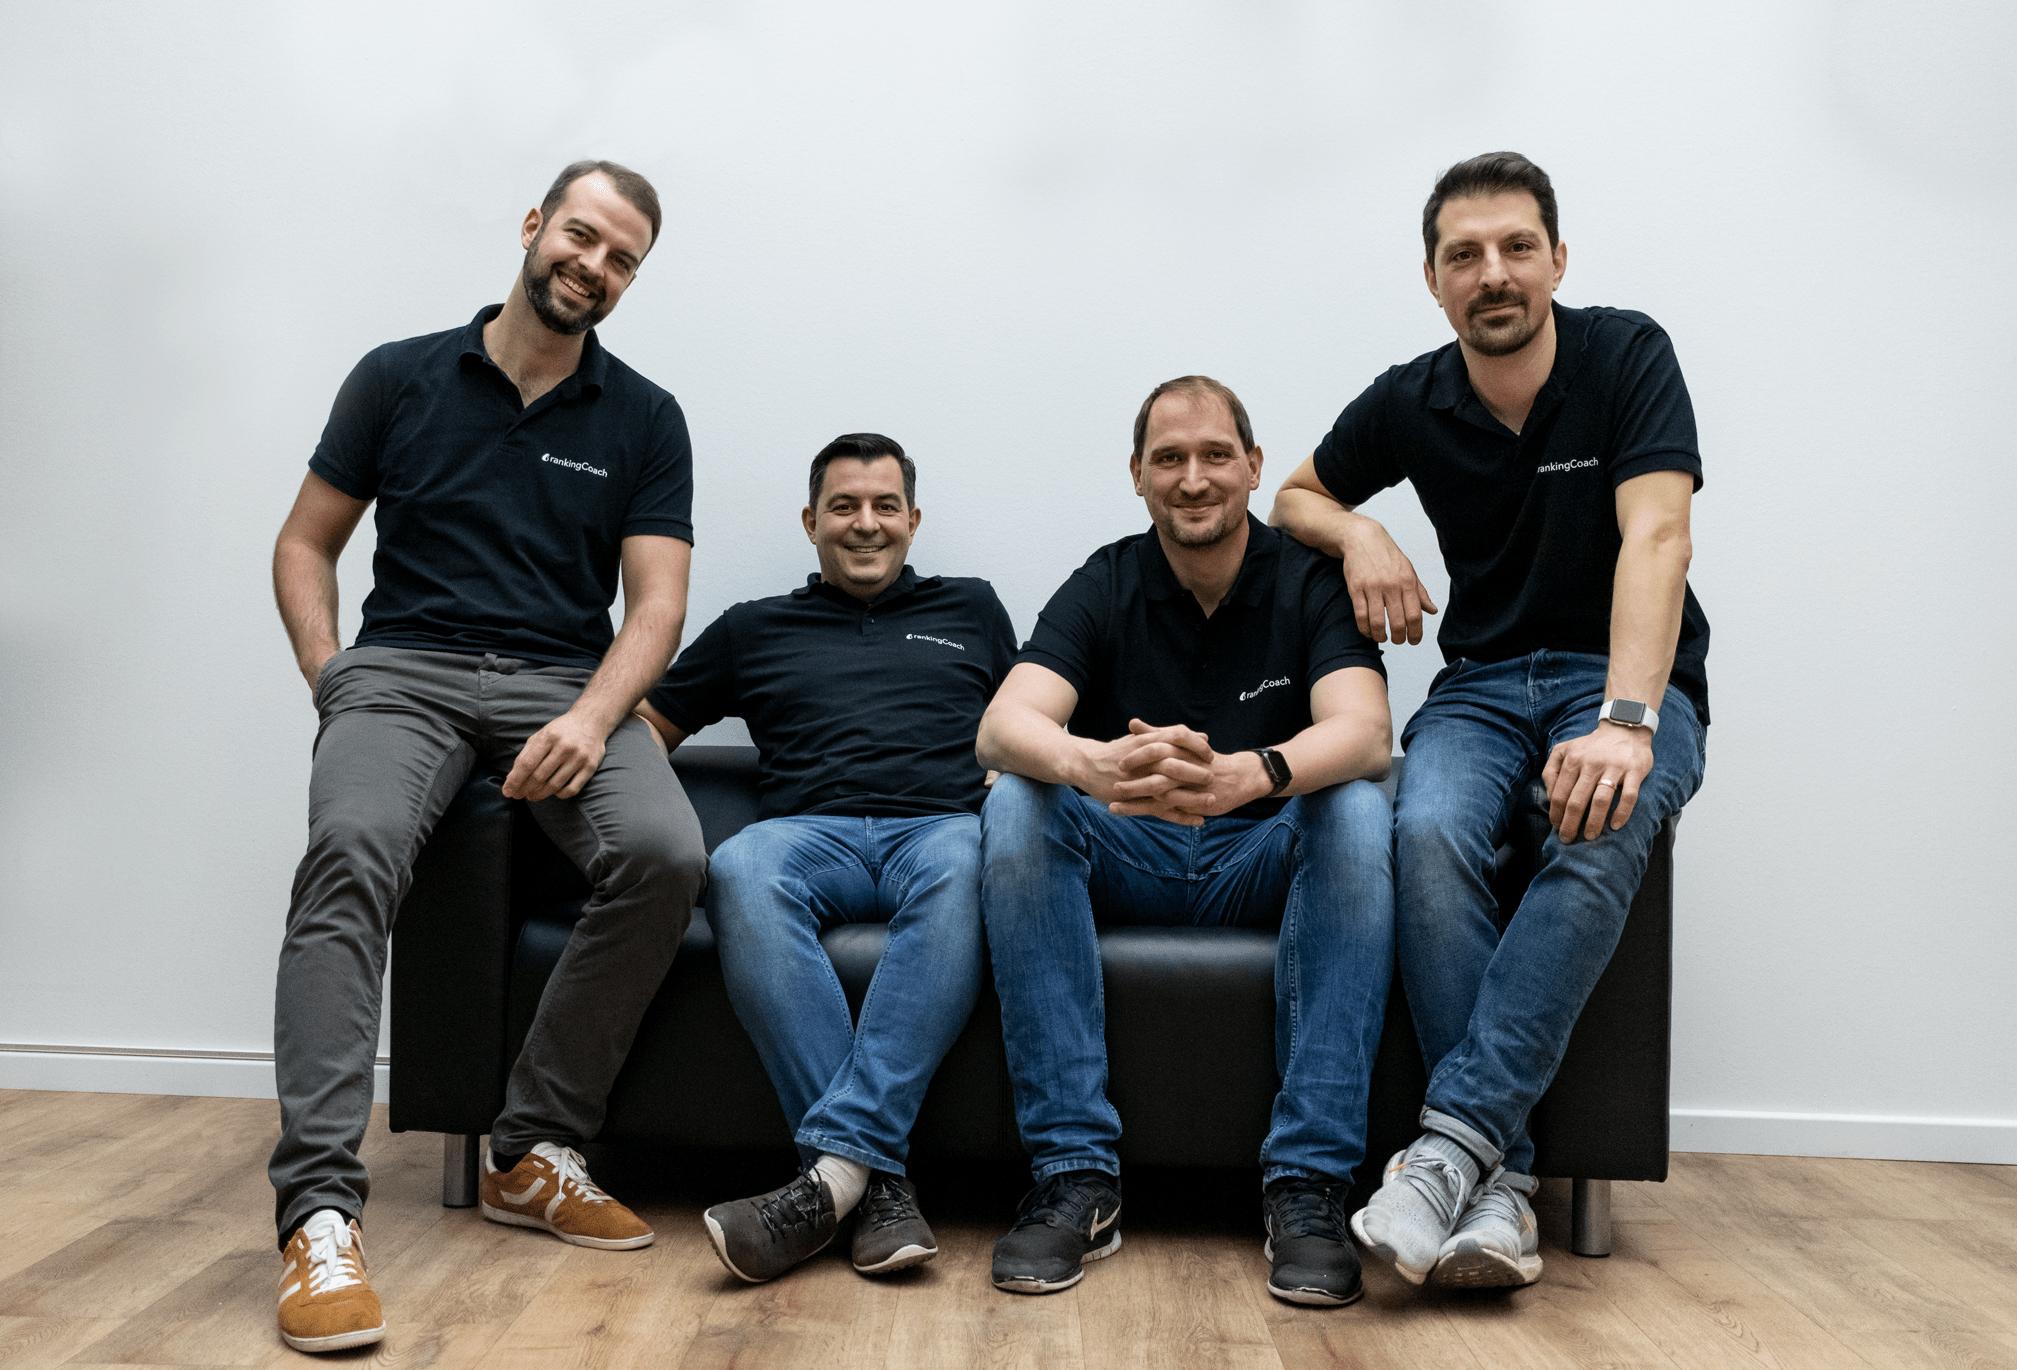 Das Gründer-Team um rankingCoach in Köln.